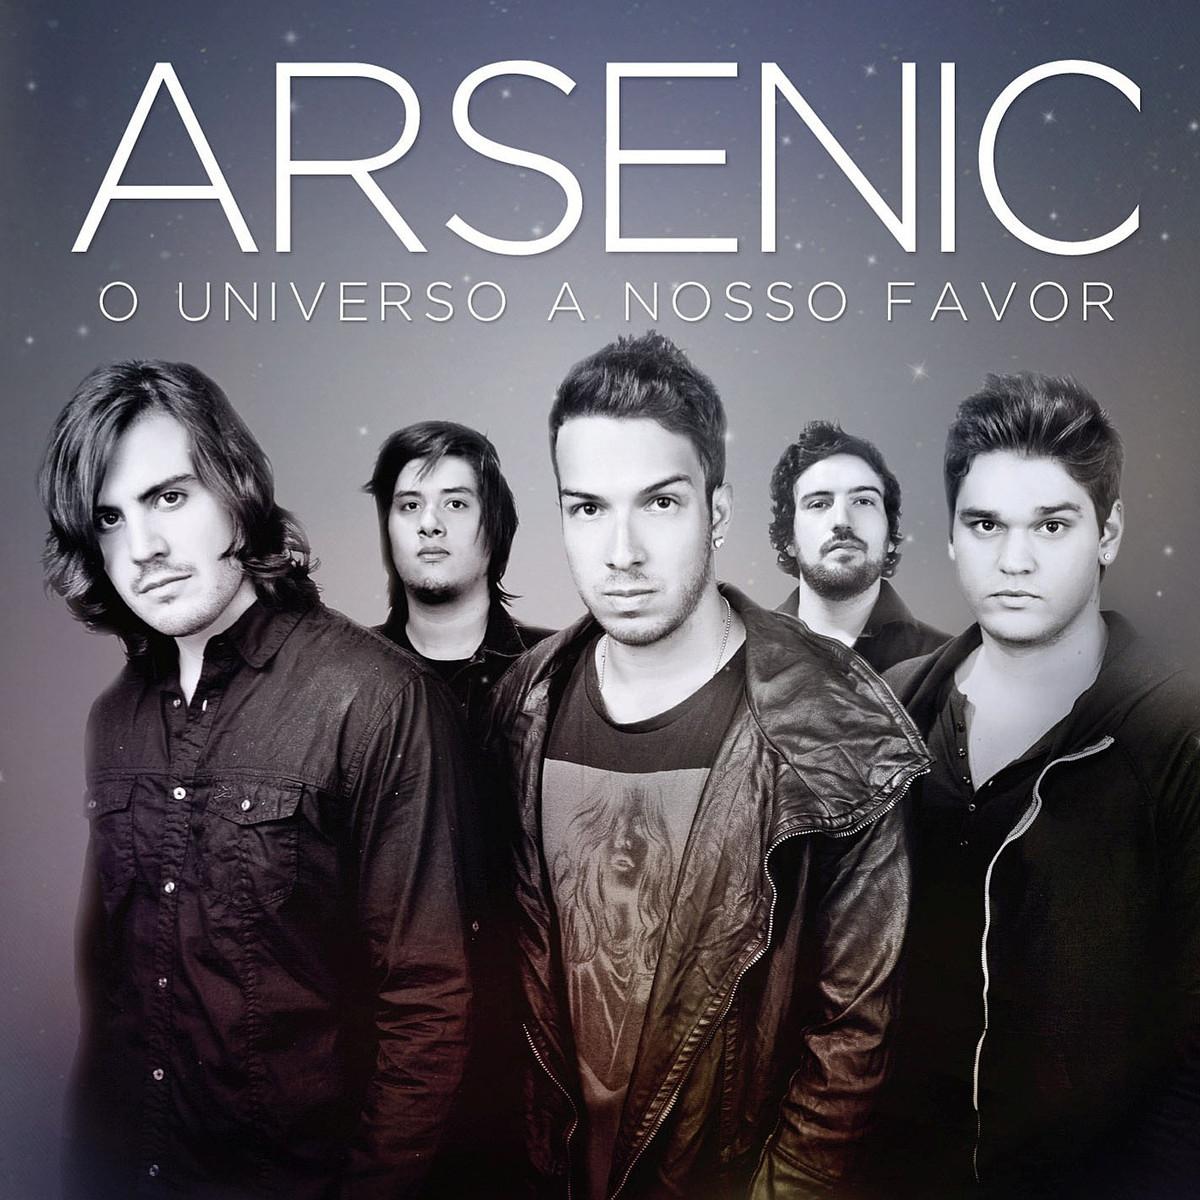 Capa do álbum O Universo a Nosso Favor, da banda Arsenic